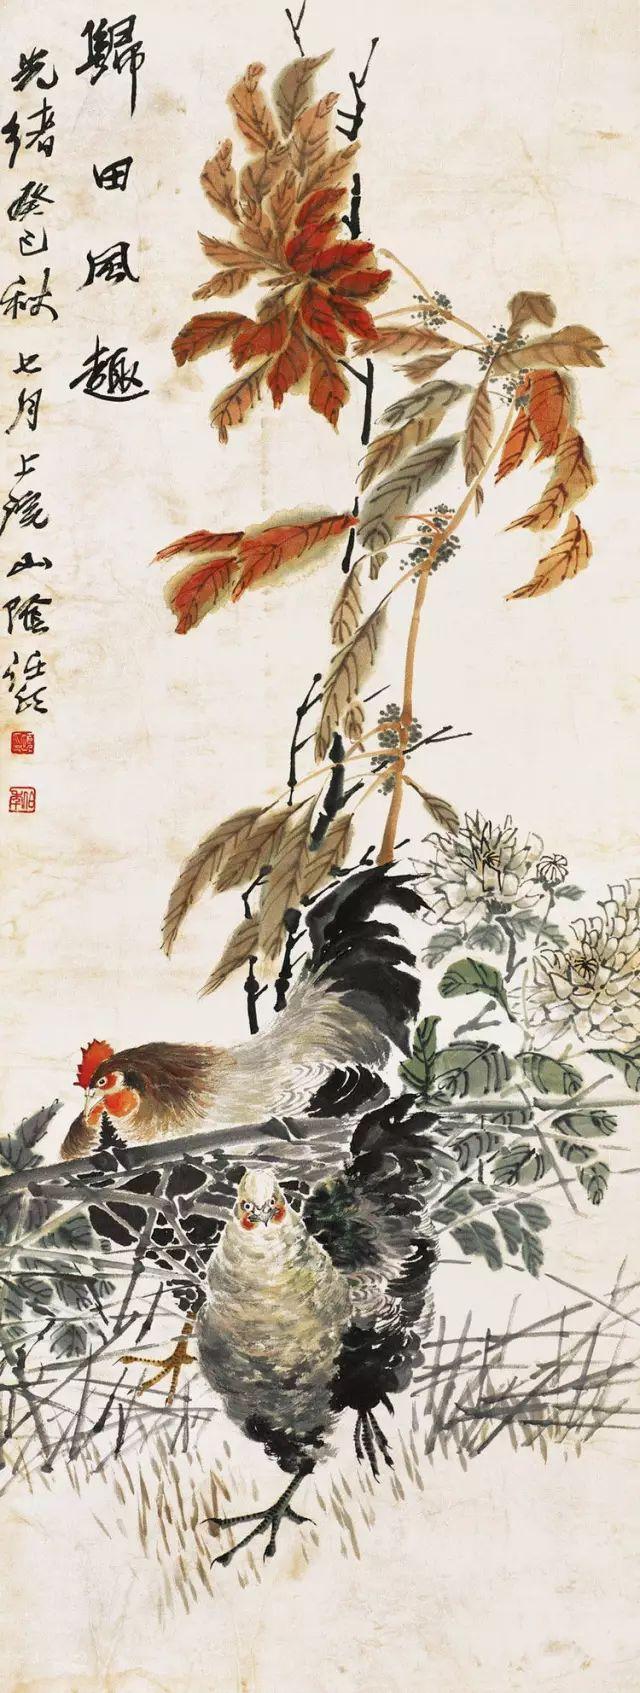 任伯年的花鸟画欣赏